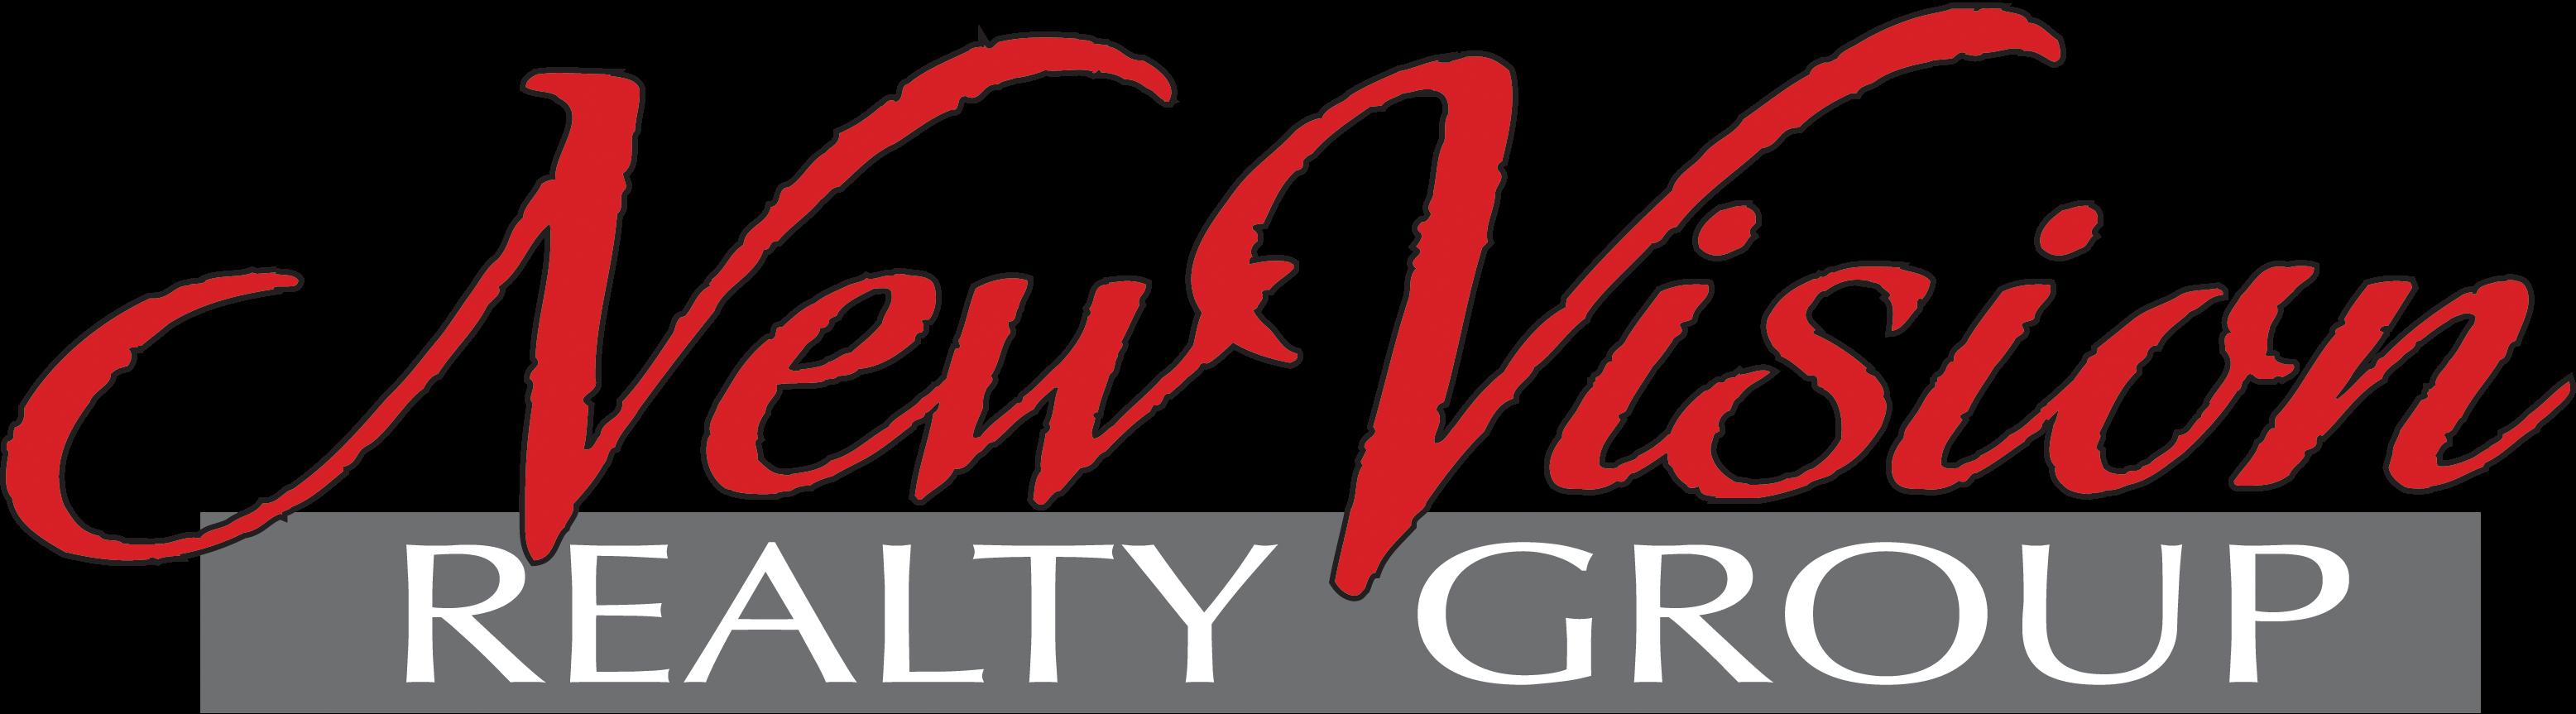 vision real estate application form